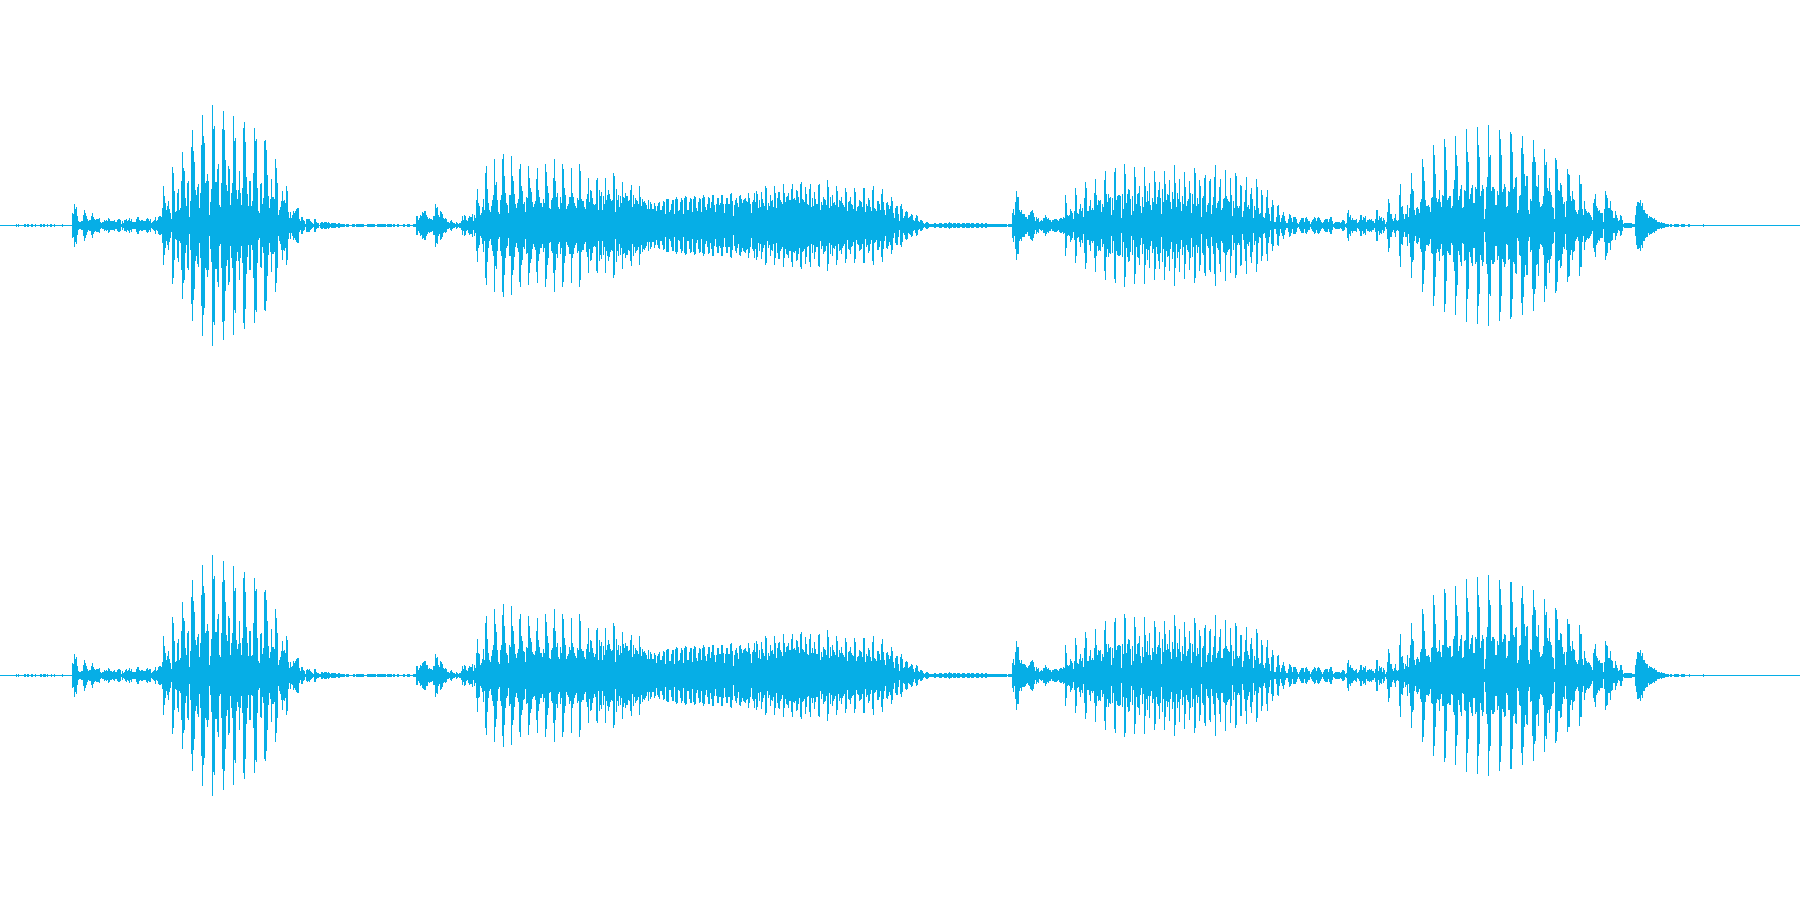 【日数・後】9日後の再生済みの波形